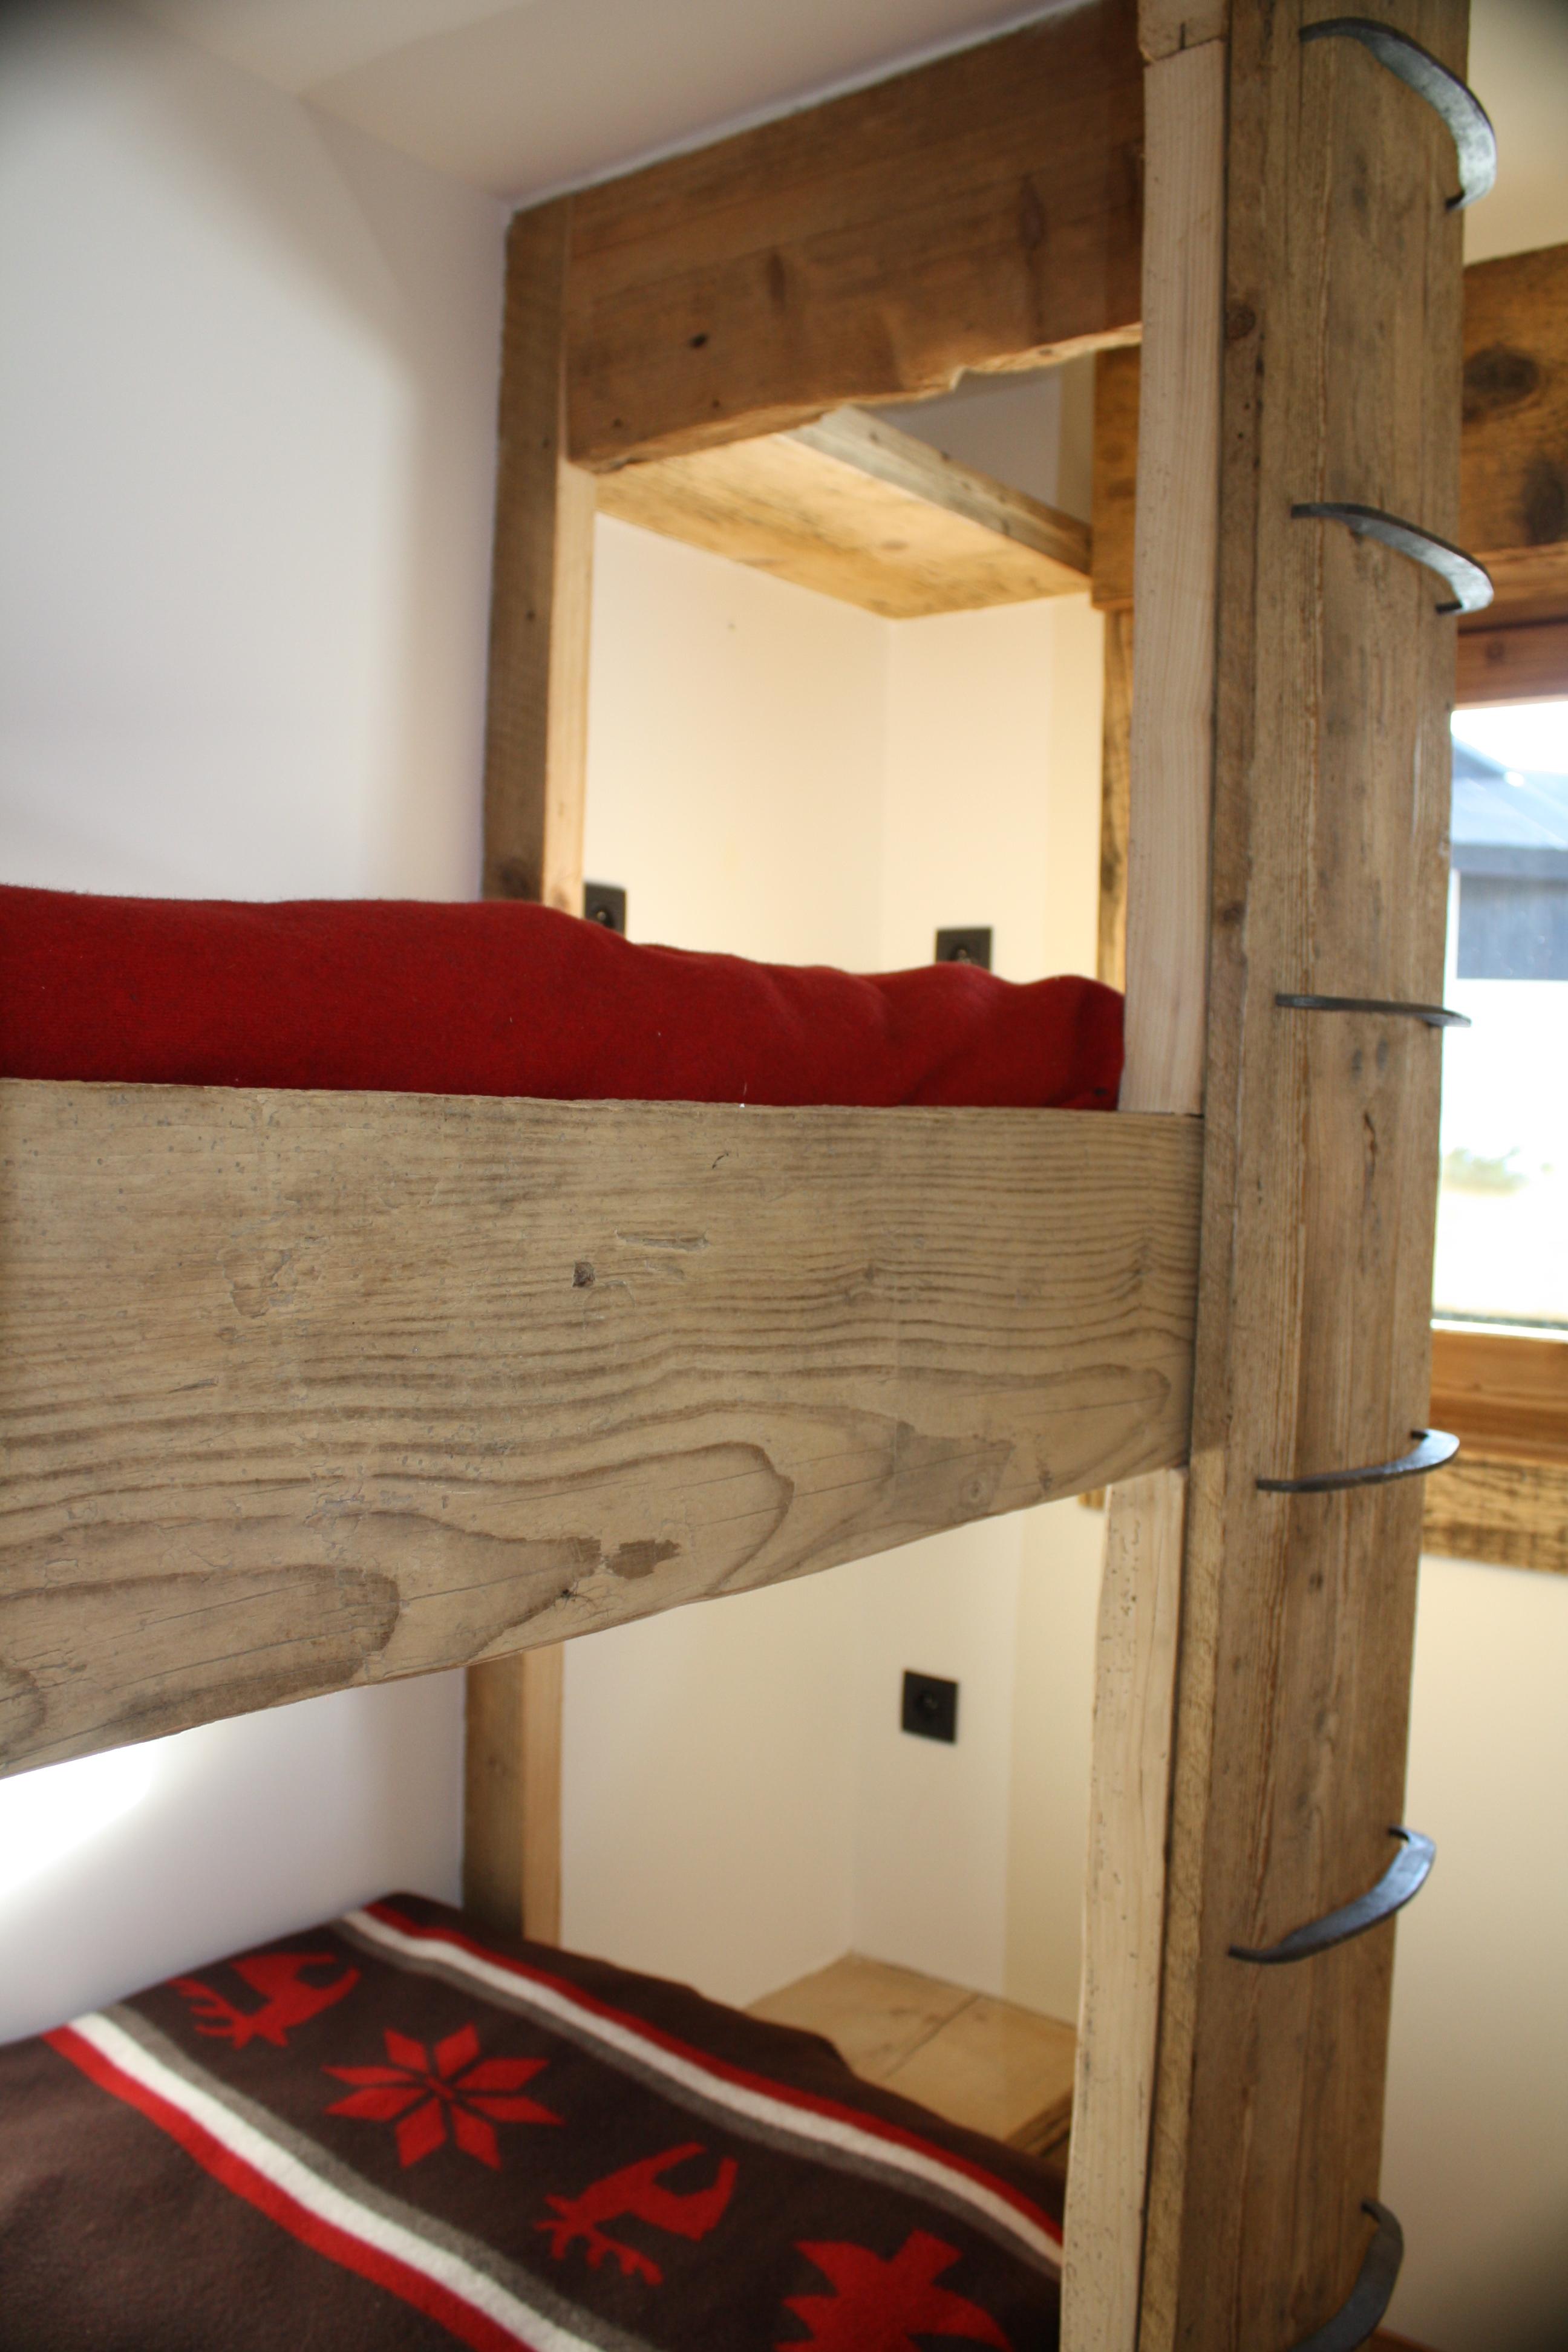 Meubles vieux bois sur mesure for Construire meuble en bois